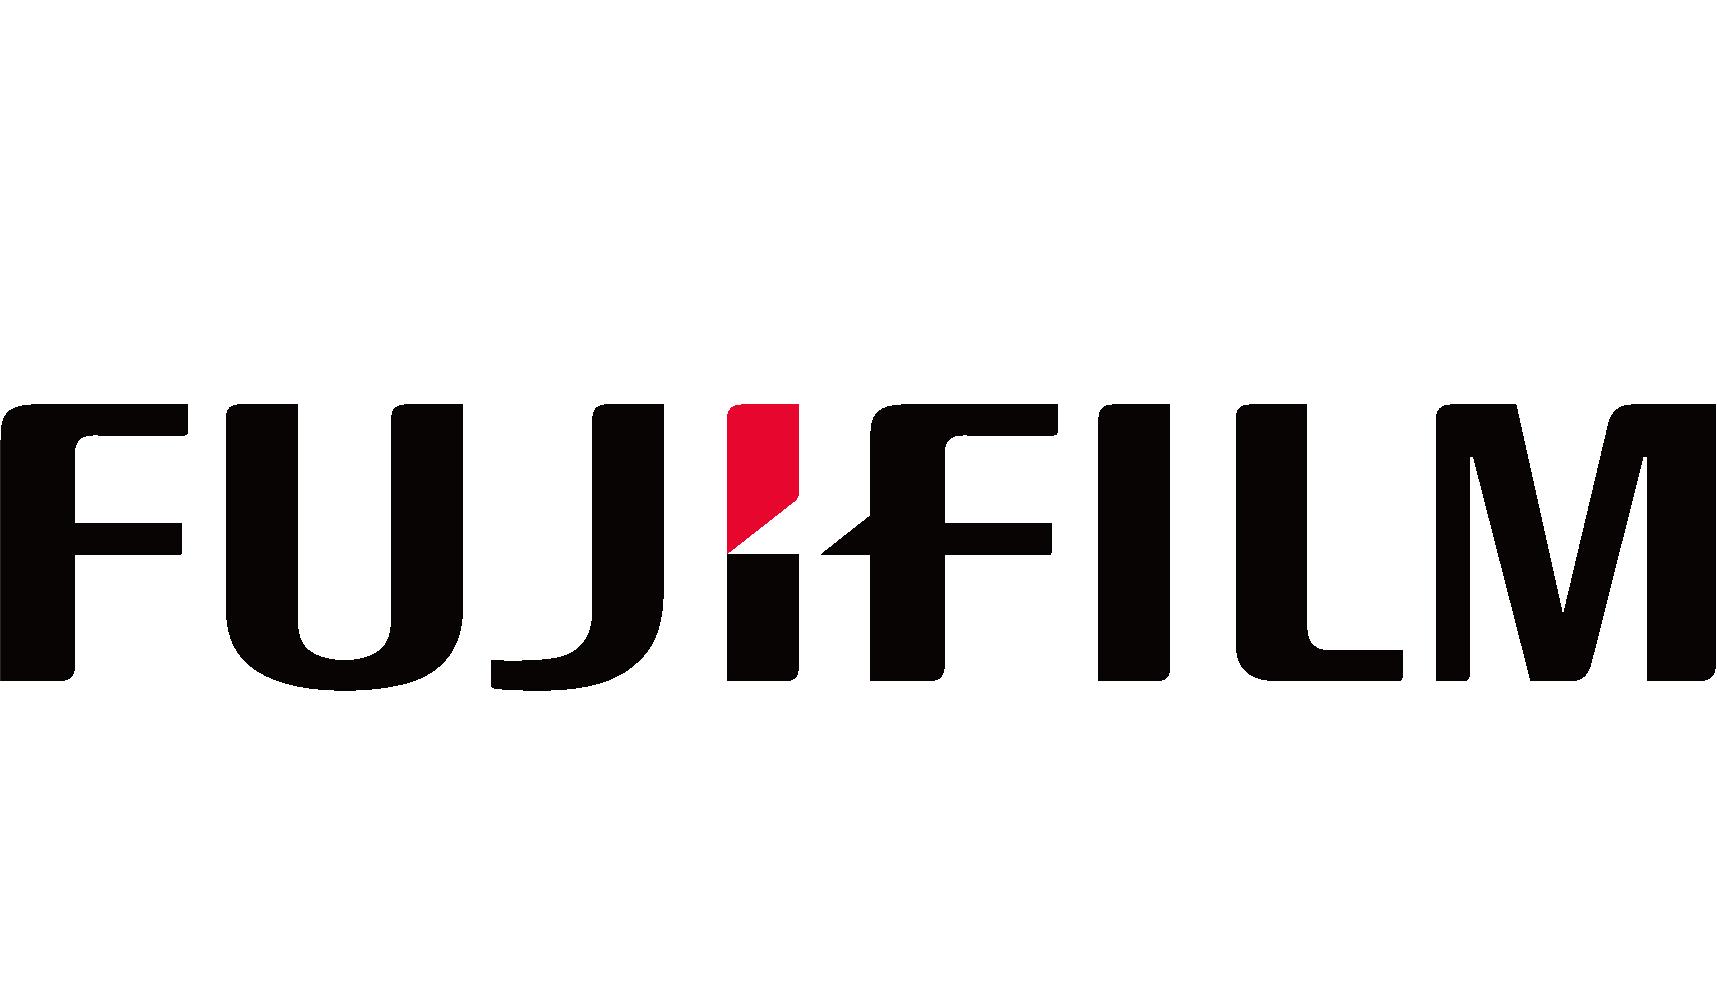 富士フイルムサービスクリエイティブ株式会社